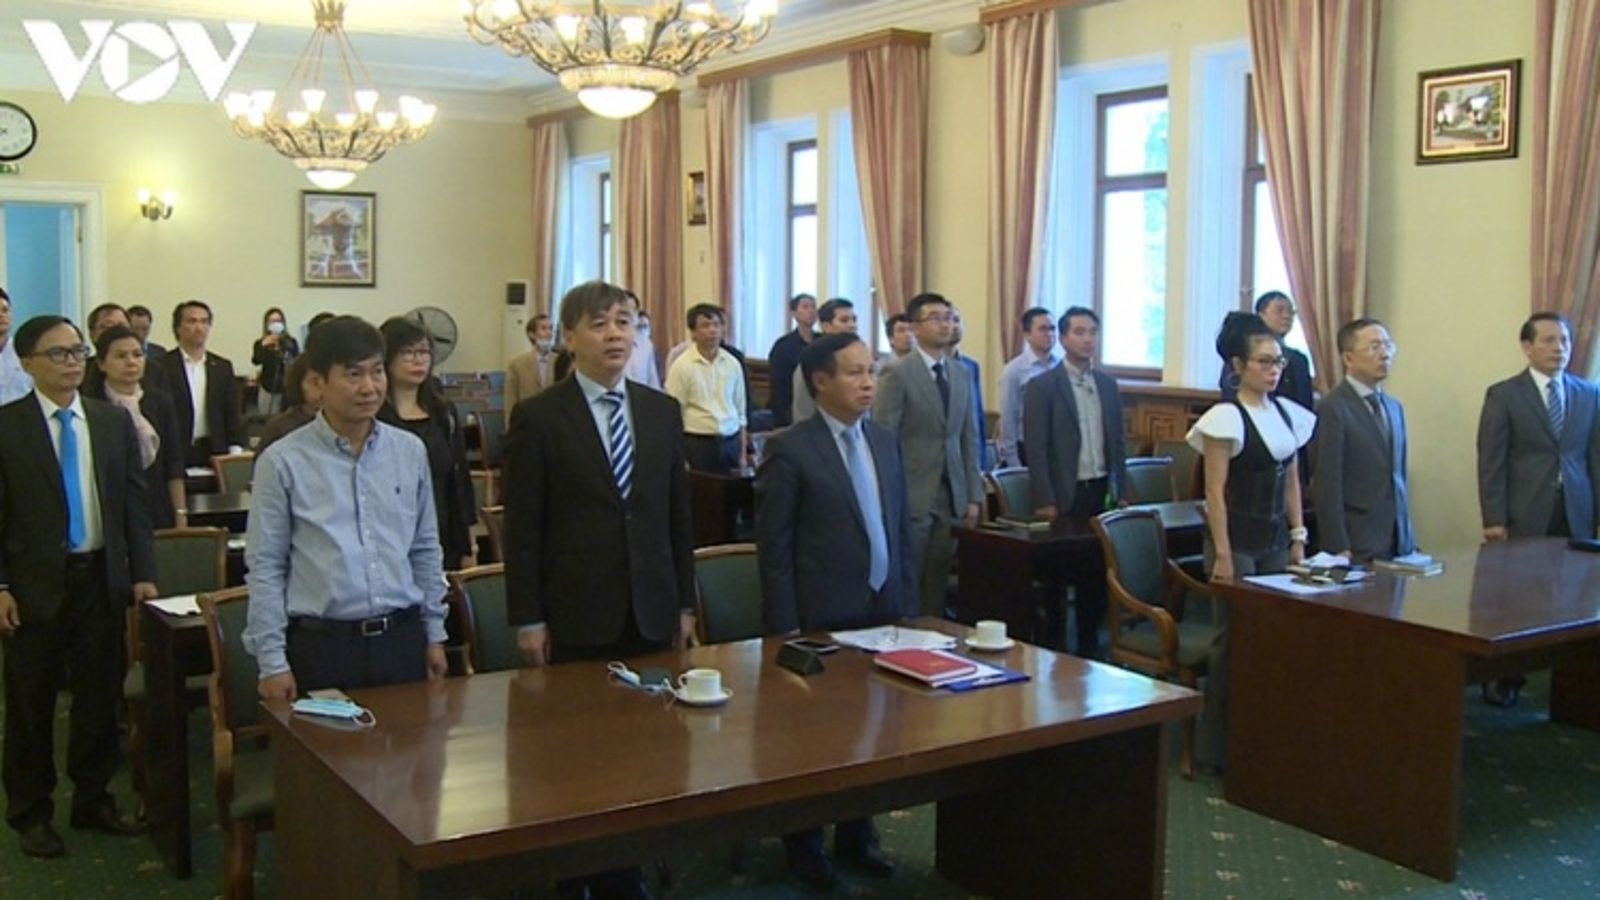 Kỷ niệm 75 năm ngành Ngoại giao Việt Nam tại Liên bang Nga